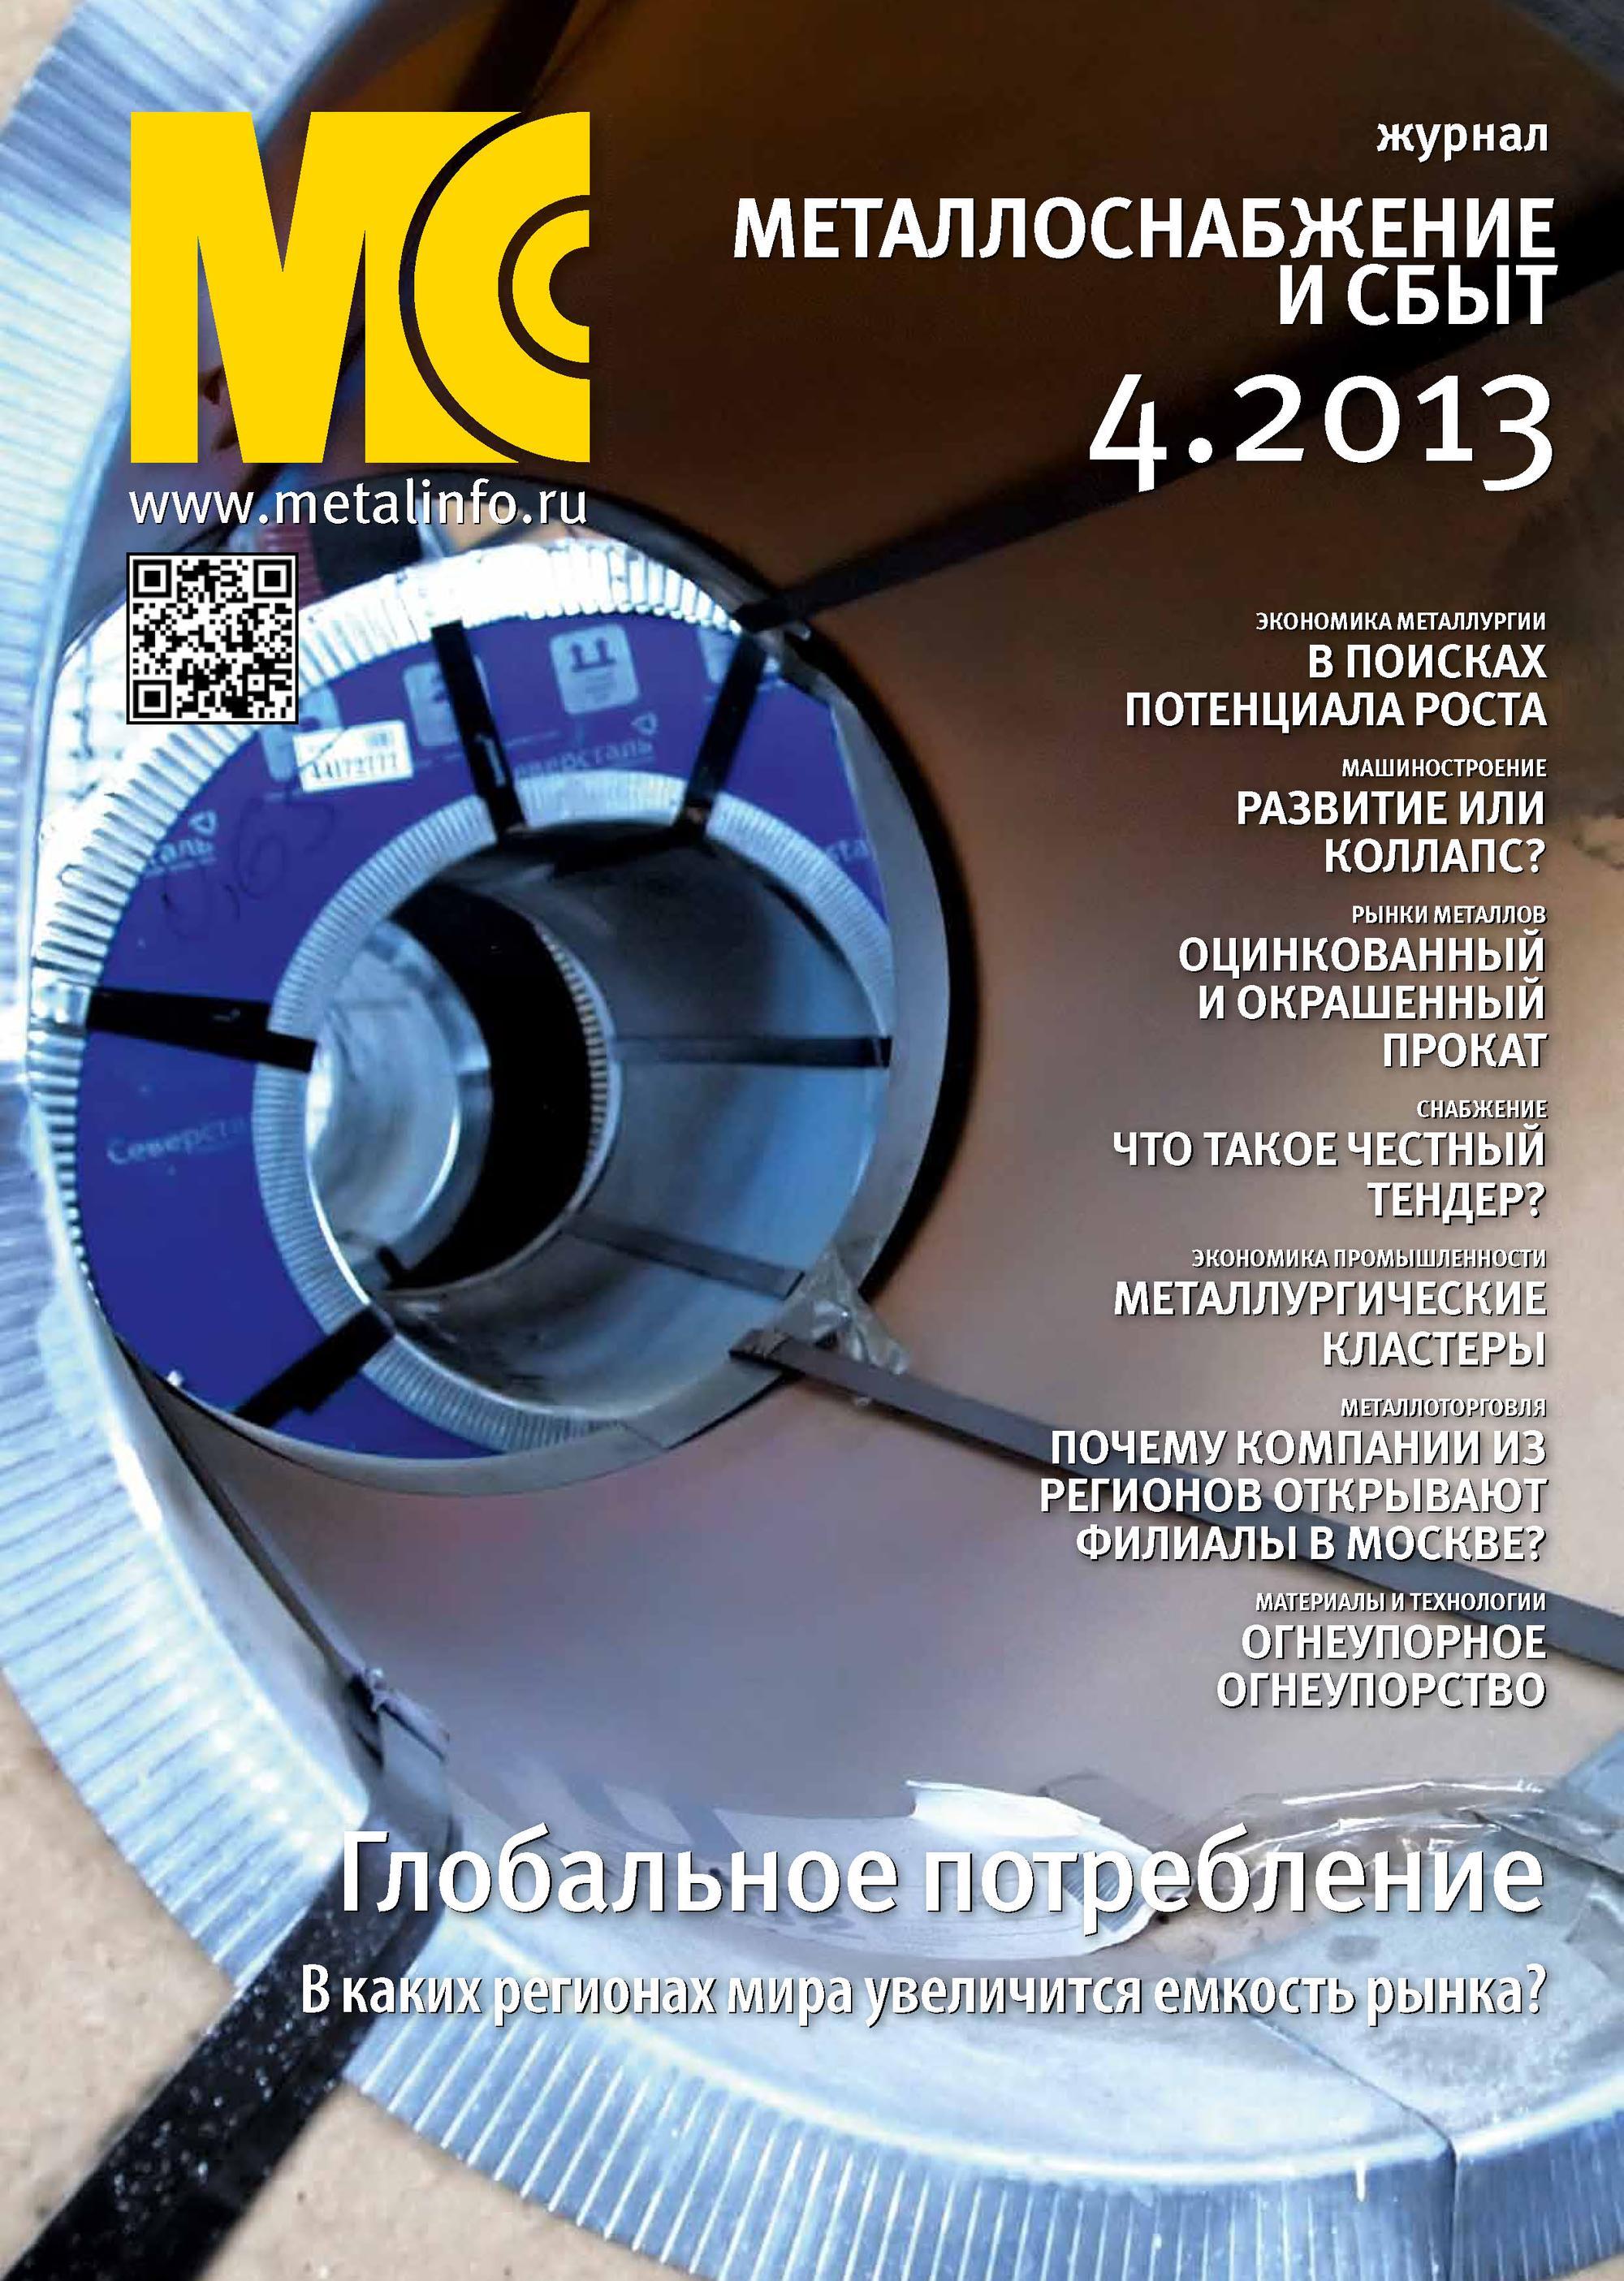 Металлоснабжение и сбыт № 04/2013